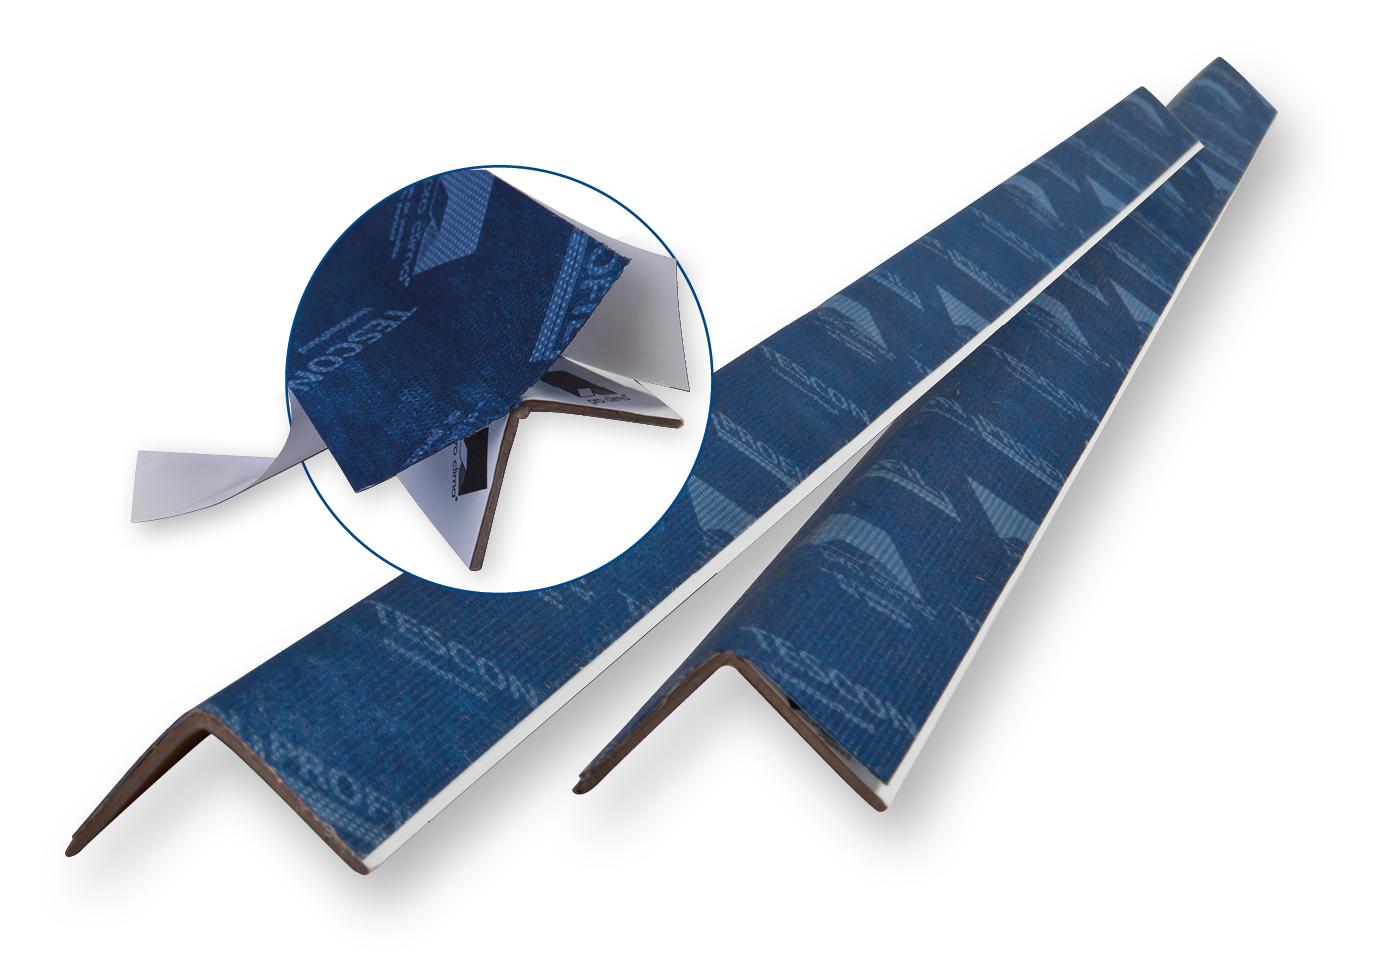 Neue Detaillösung für die Dachsanierung von außen: Montagewinkelleiste erleichtert luftdichte Verklebung